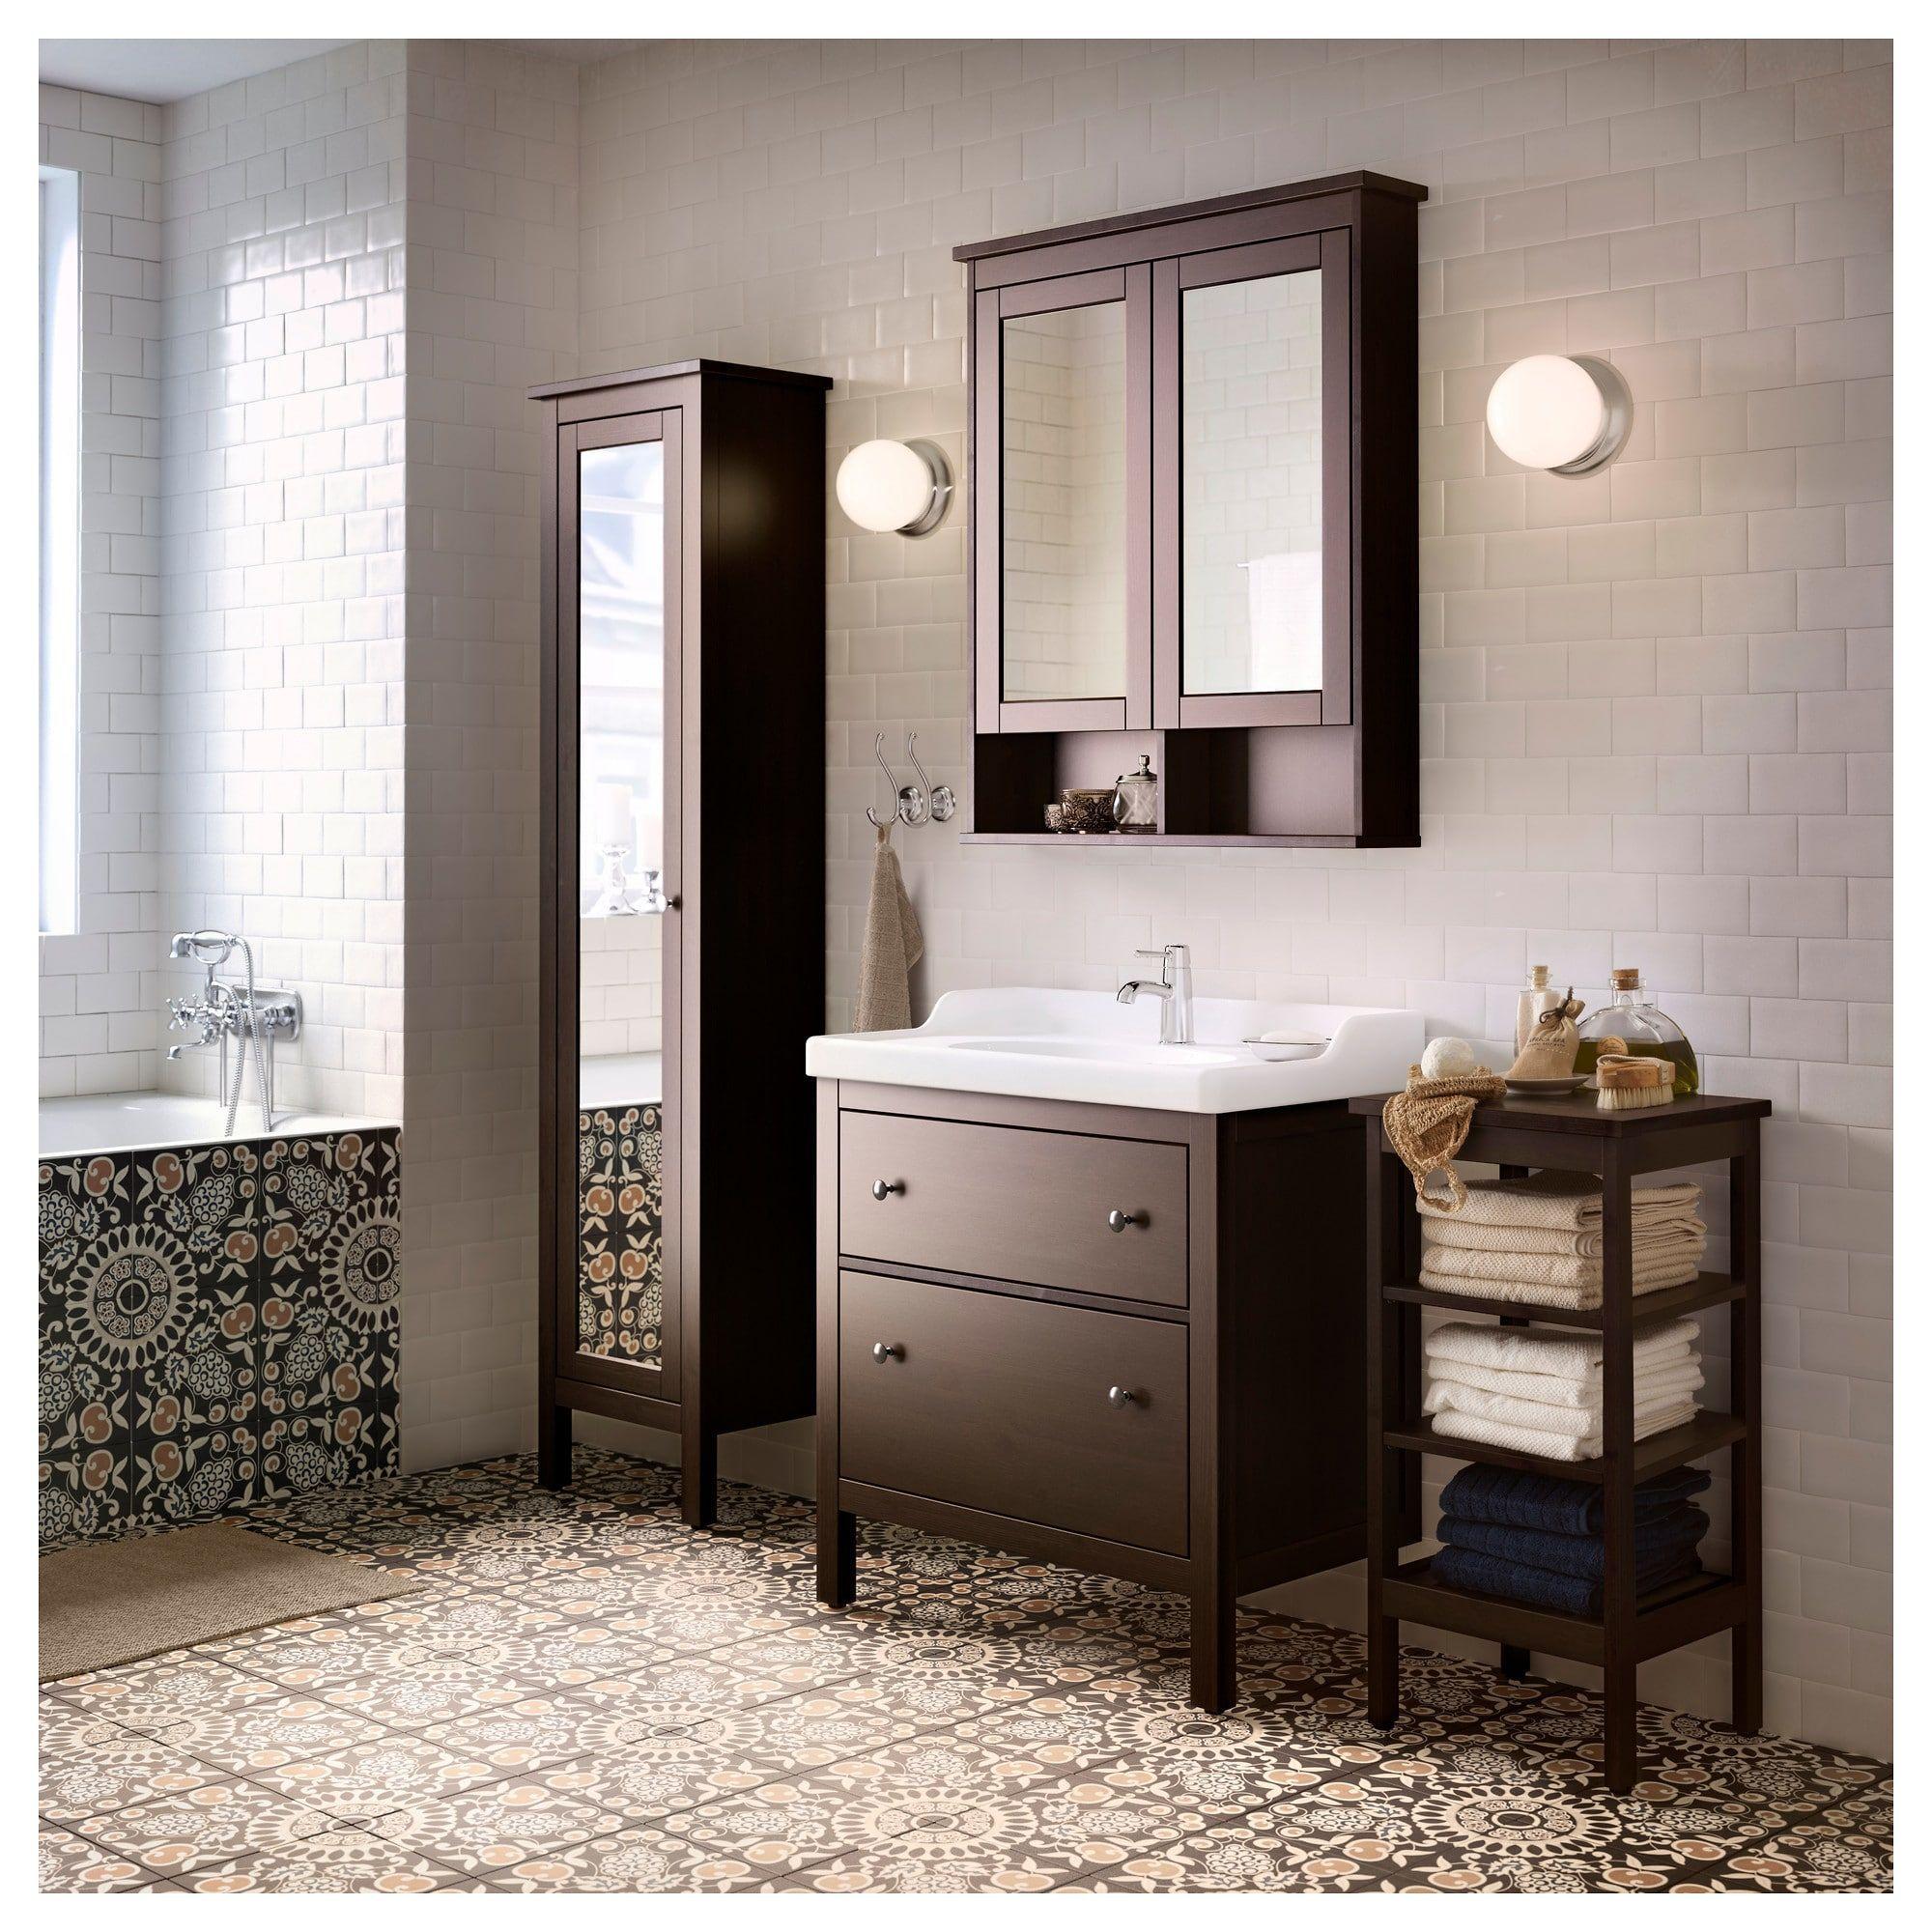 Ikea Hemnes Black Brown Stain High Cabinet With Mirror Door